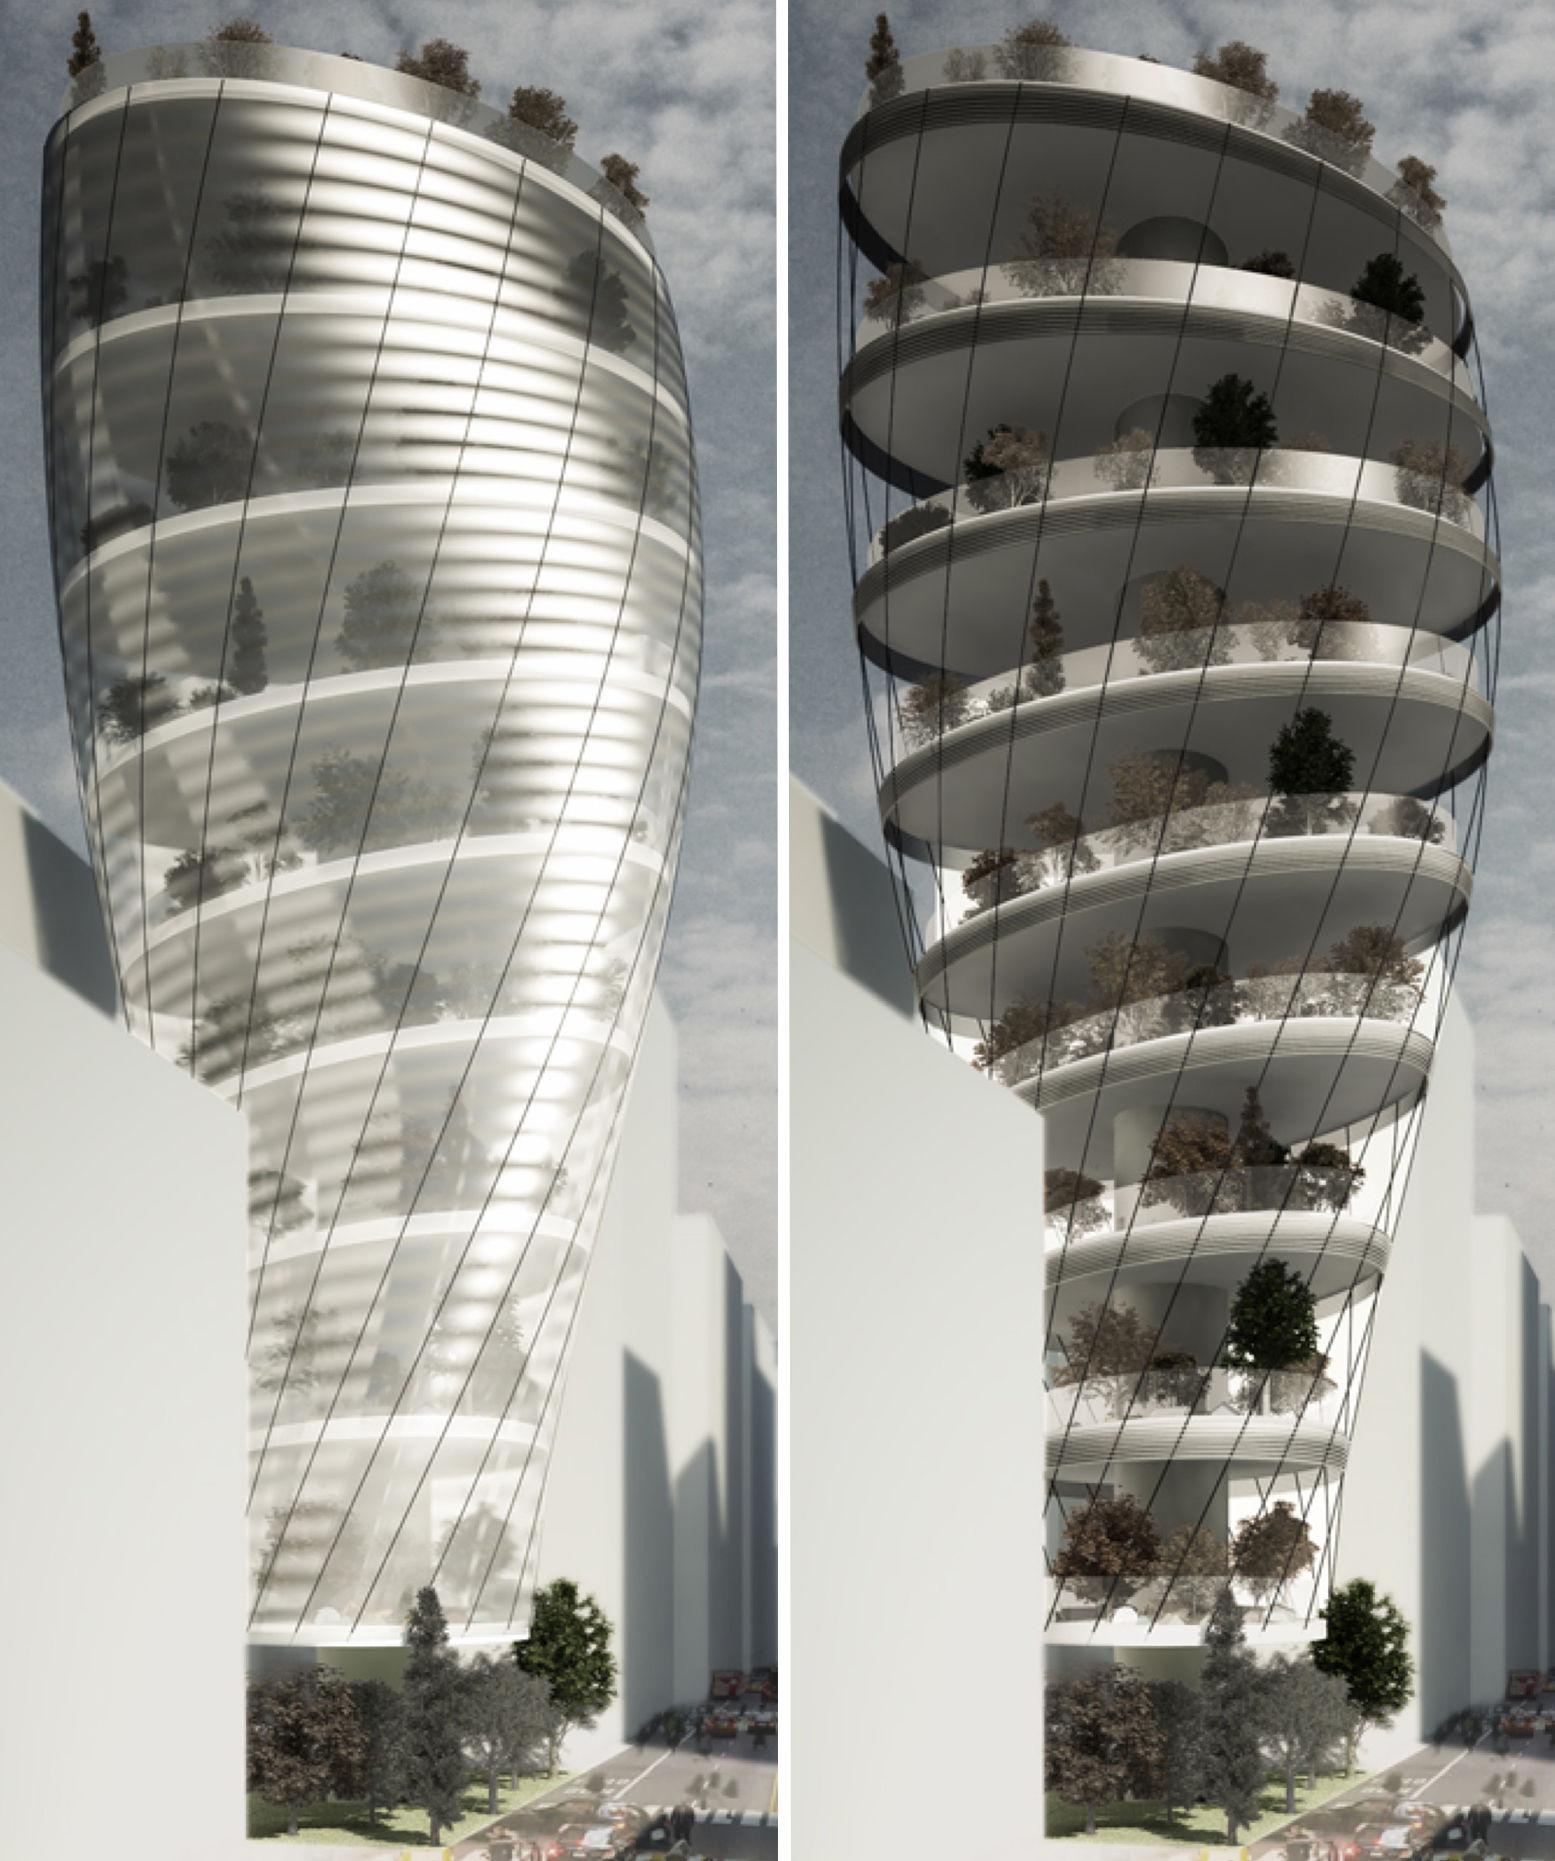 新しい都市の姿!?NY摩天楼に「キャンプ場」ができちゃうかも